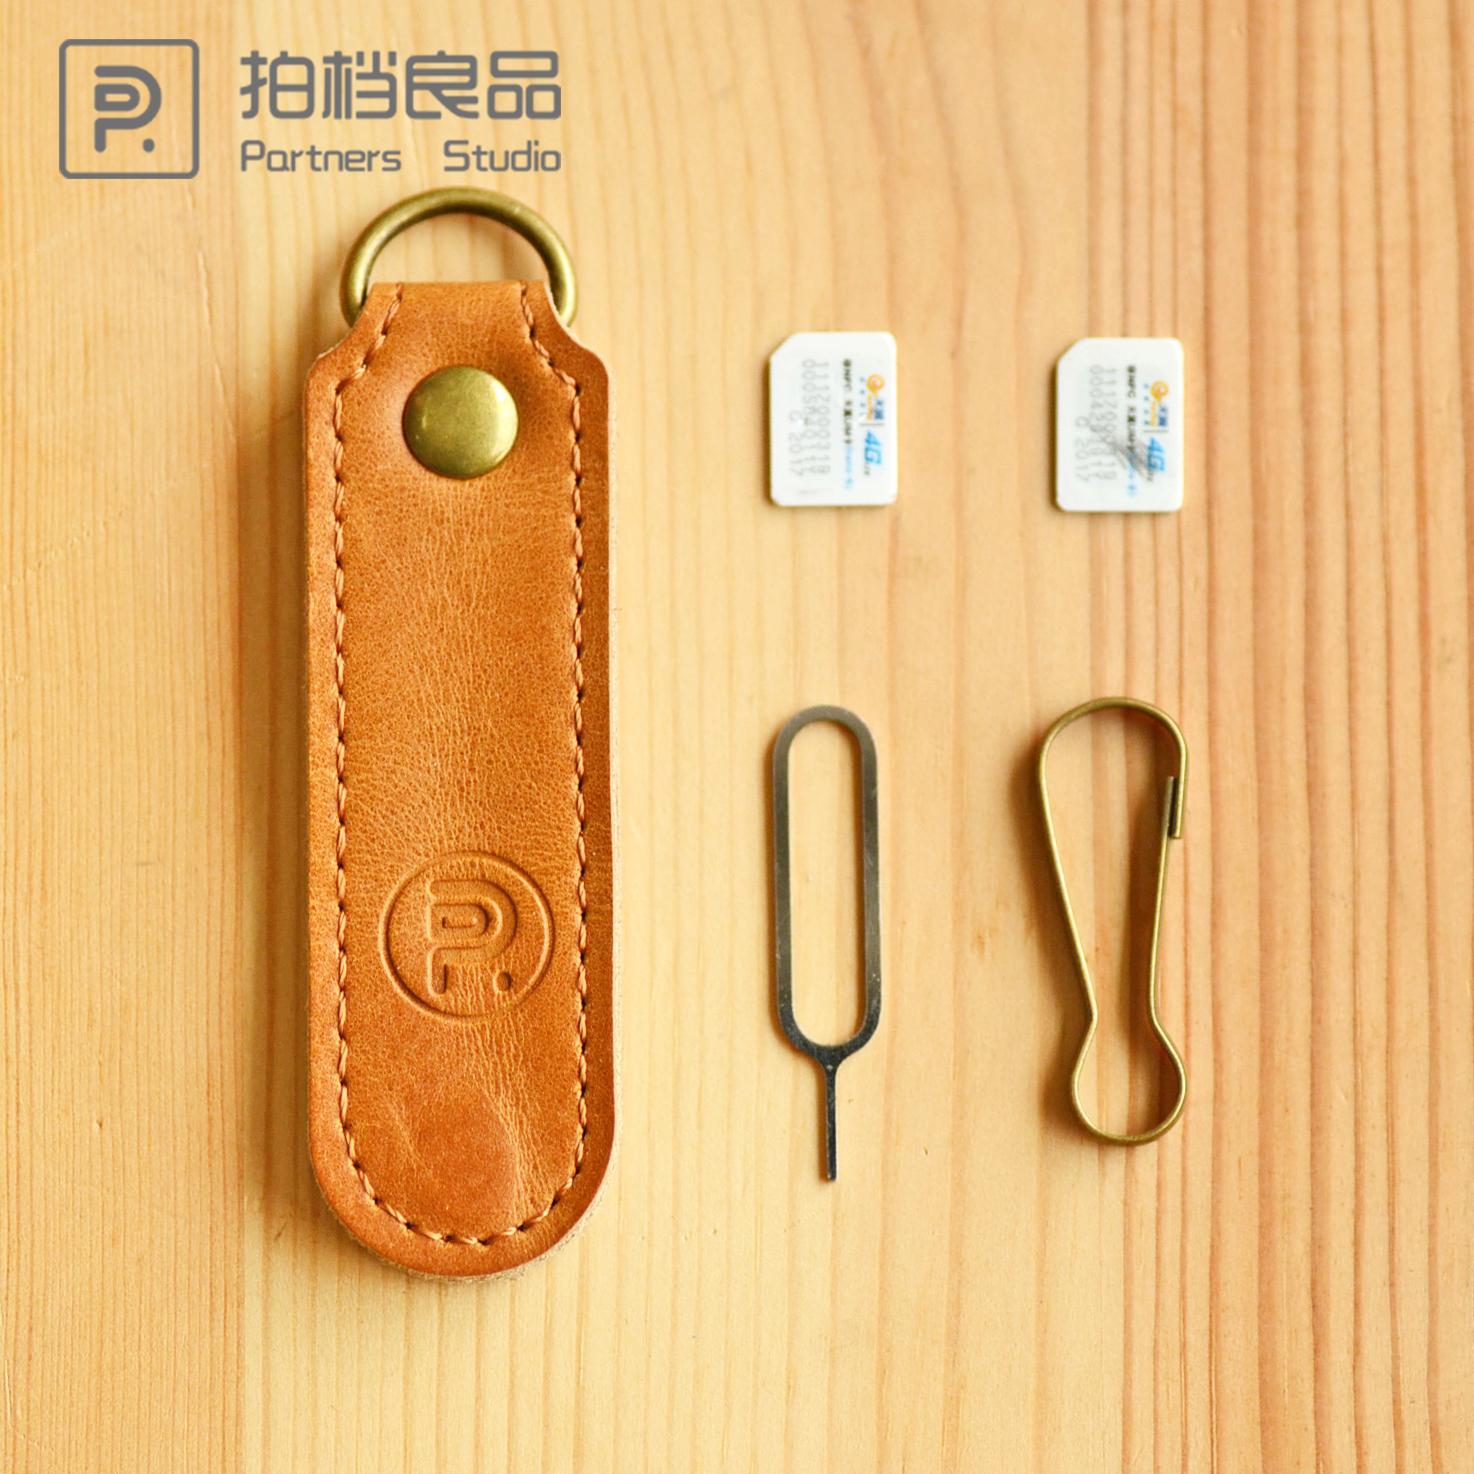 苹果手机取卡针 手机sim卡收纳包 真皮保护套便携防丢钥匙扣 卡套